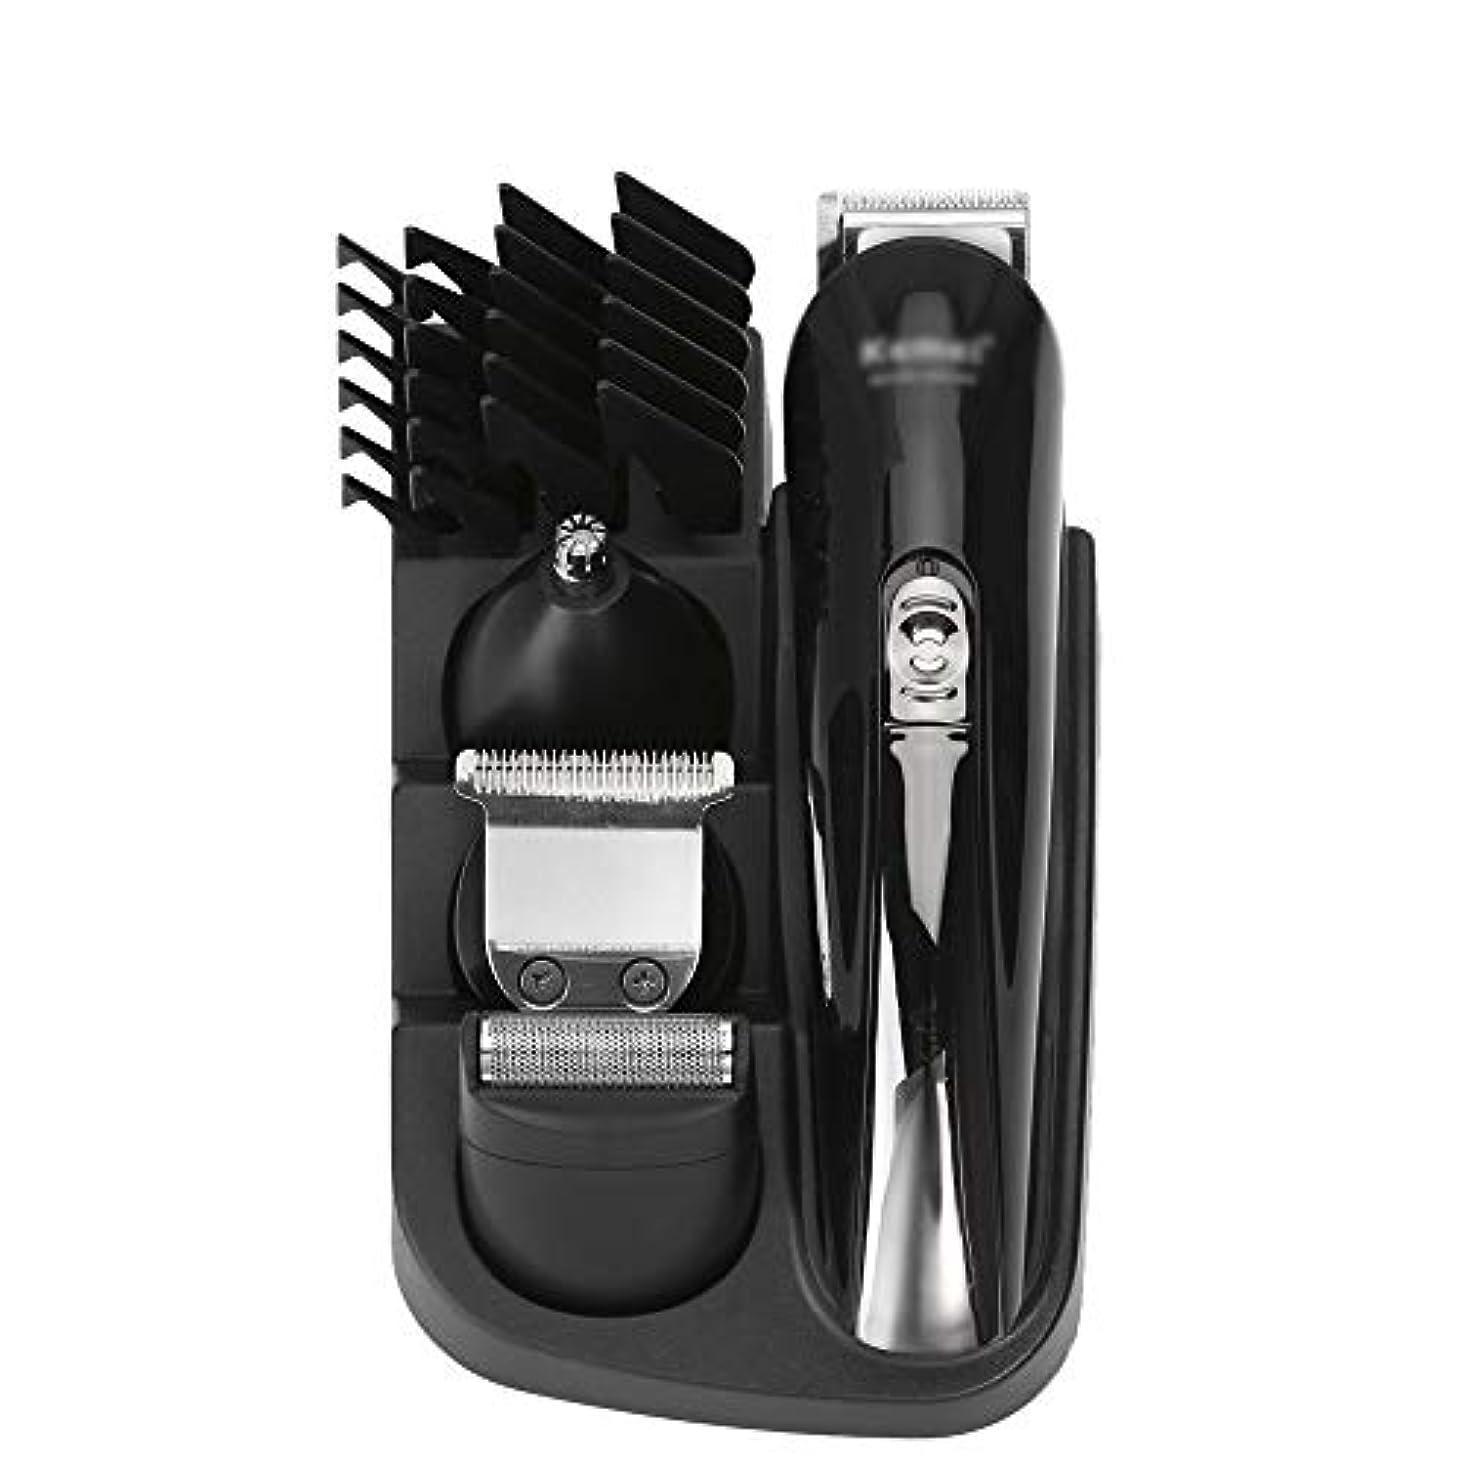 ナプキン探すつま先WAKABAFK 充電式バリカン電気シェーバーヘアトリマー髭剃り機